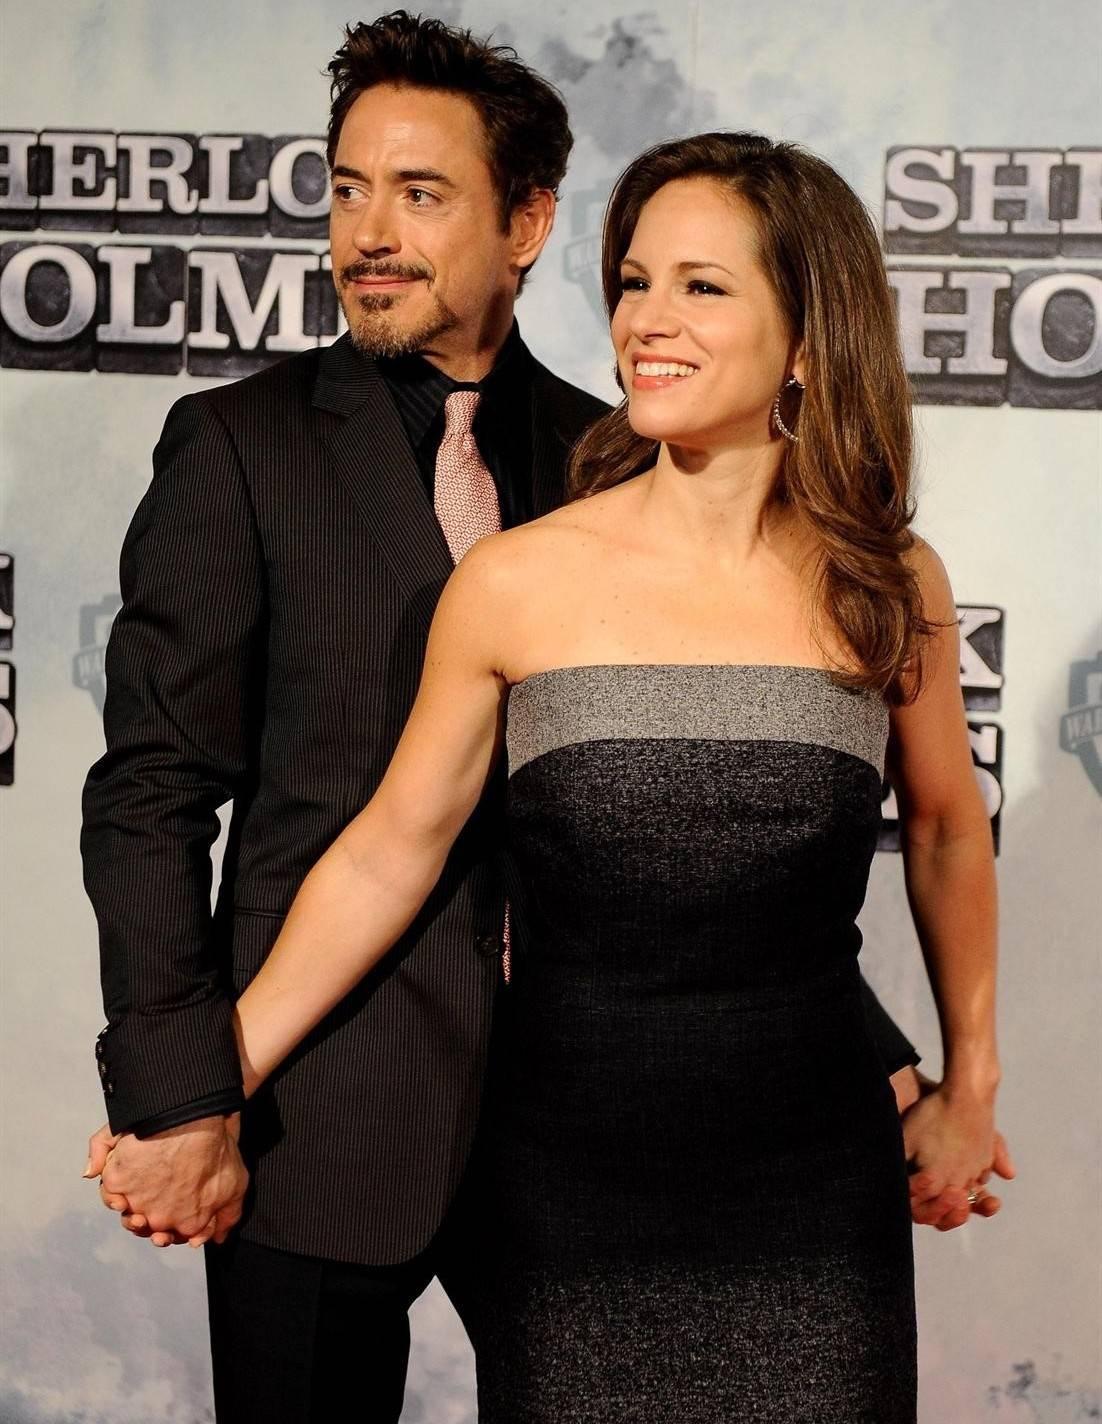 Robert Downey Jr. @ europapress.es